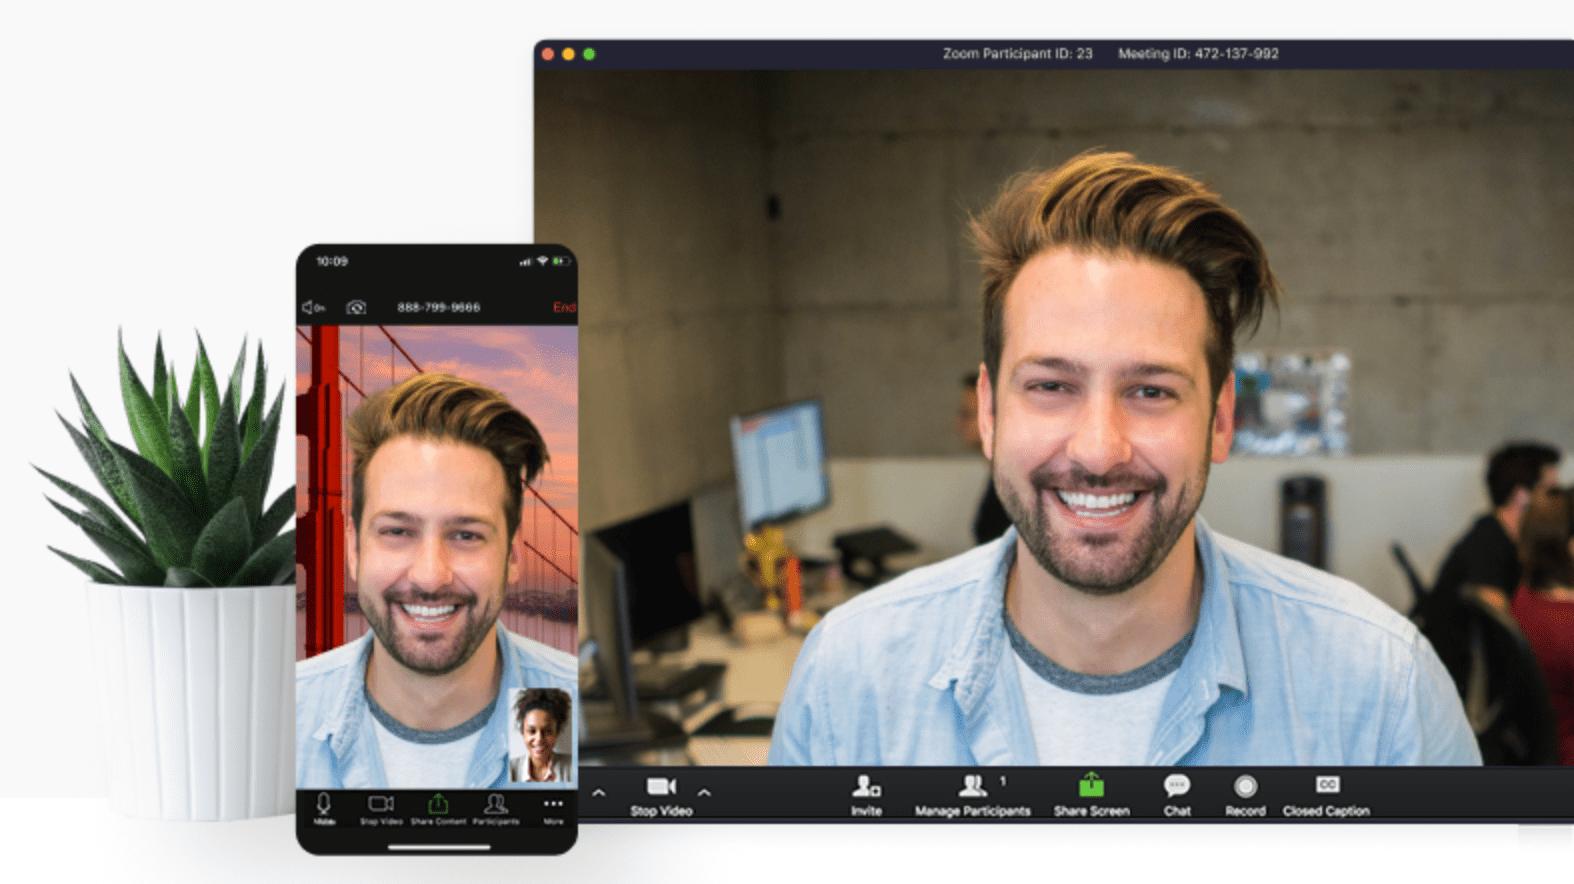 Zoom Meeting UI